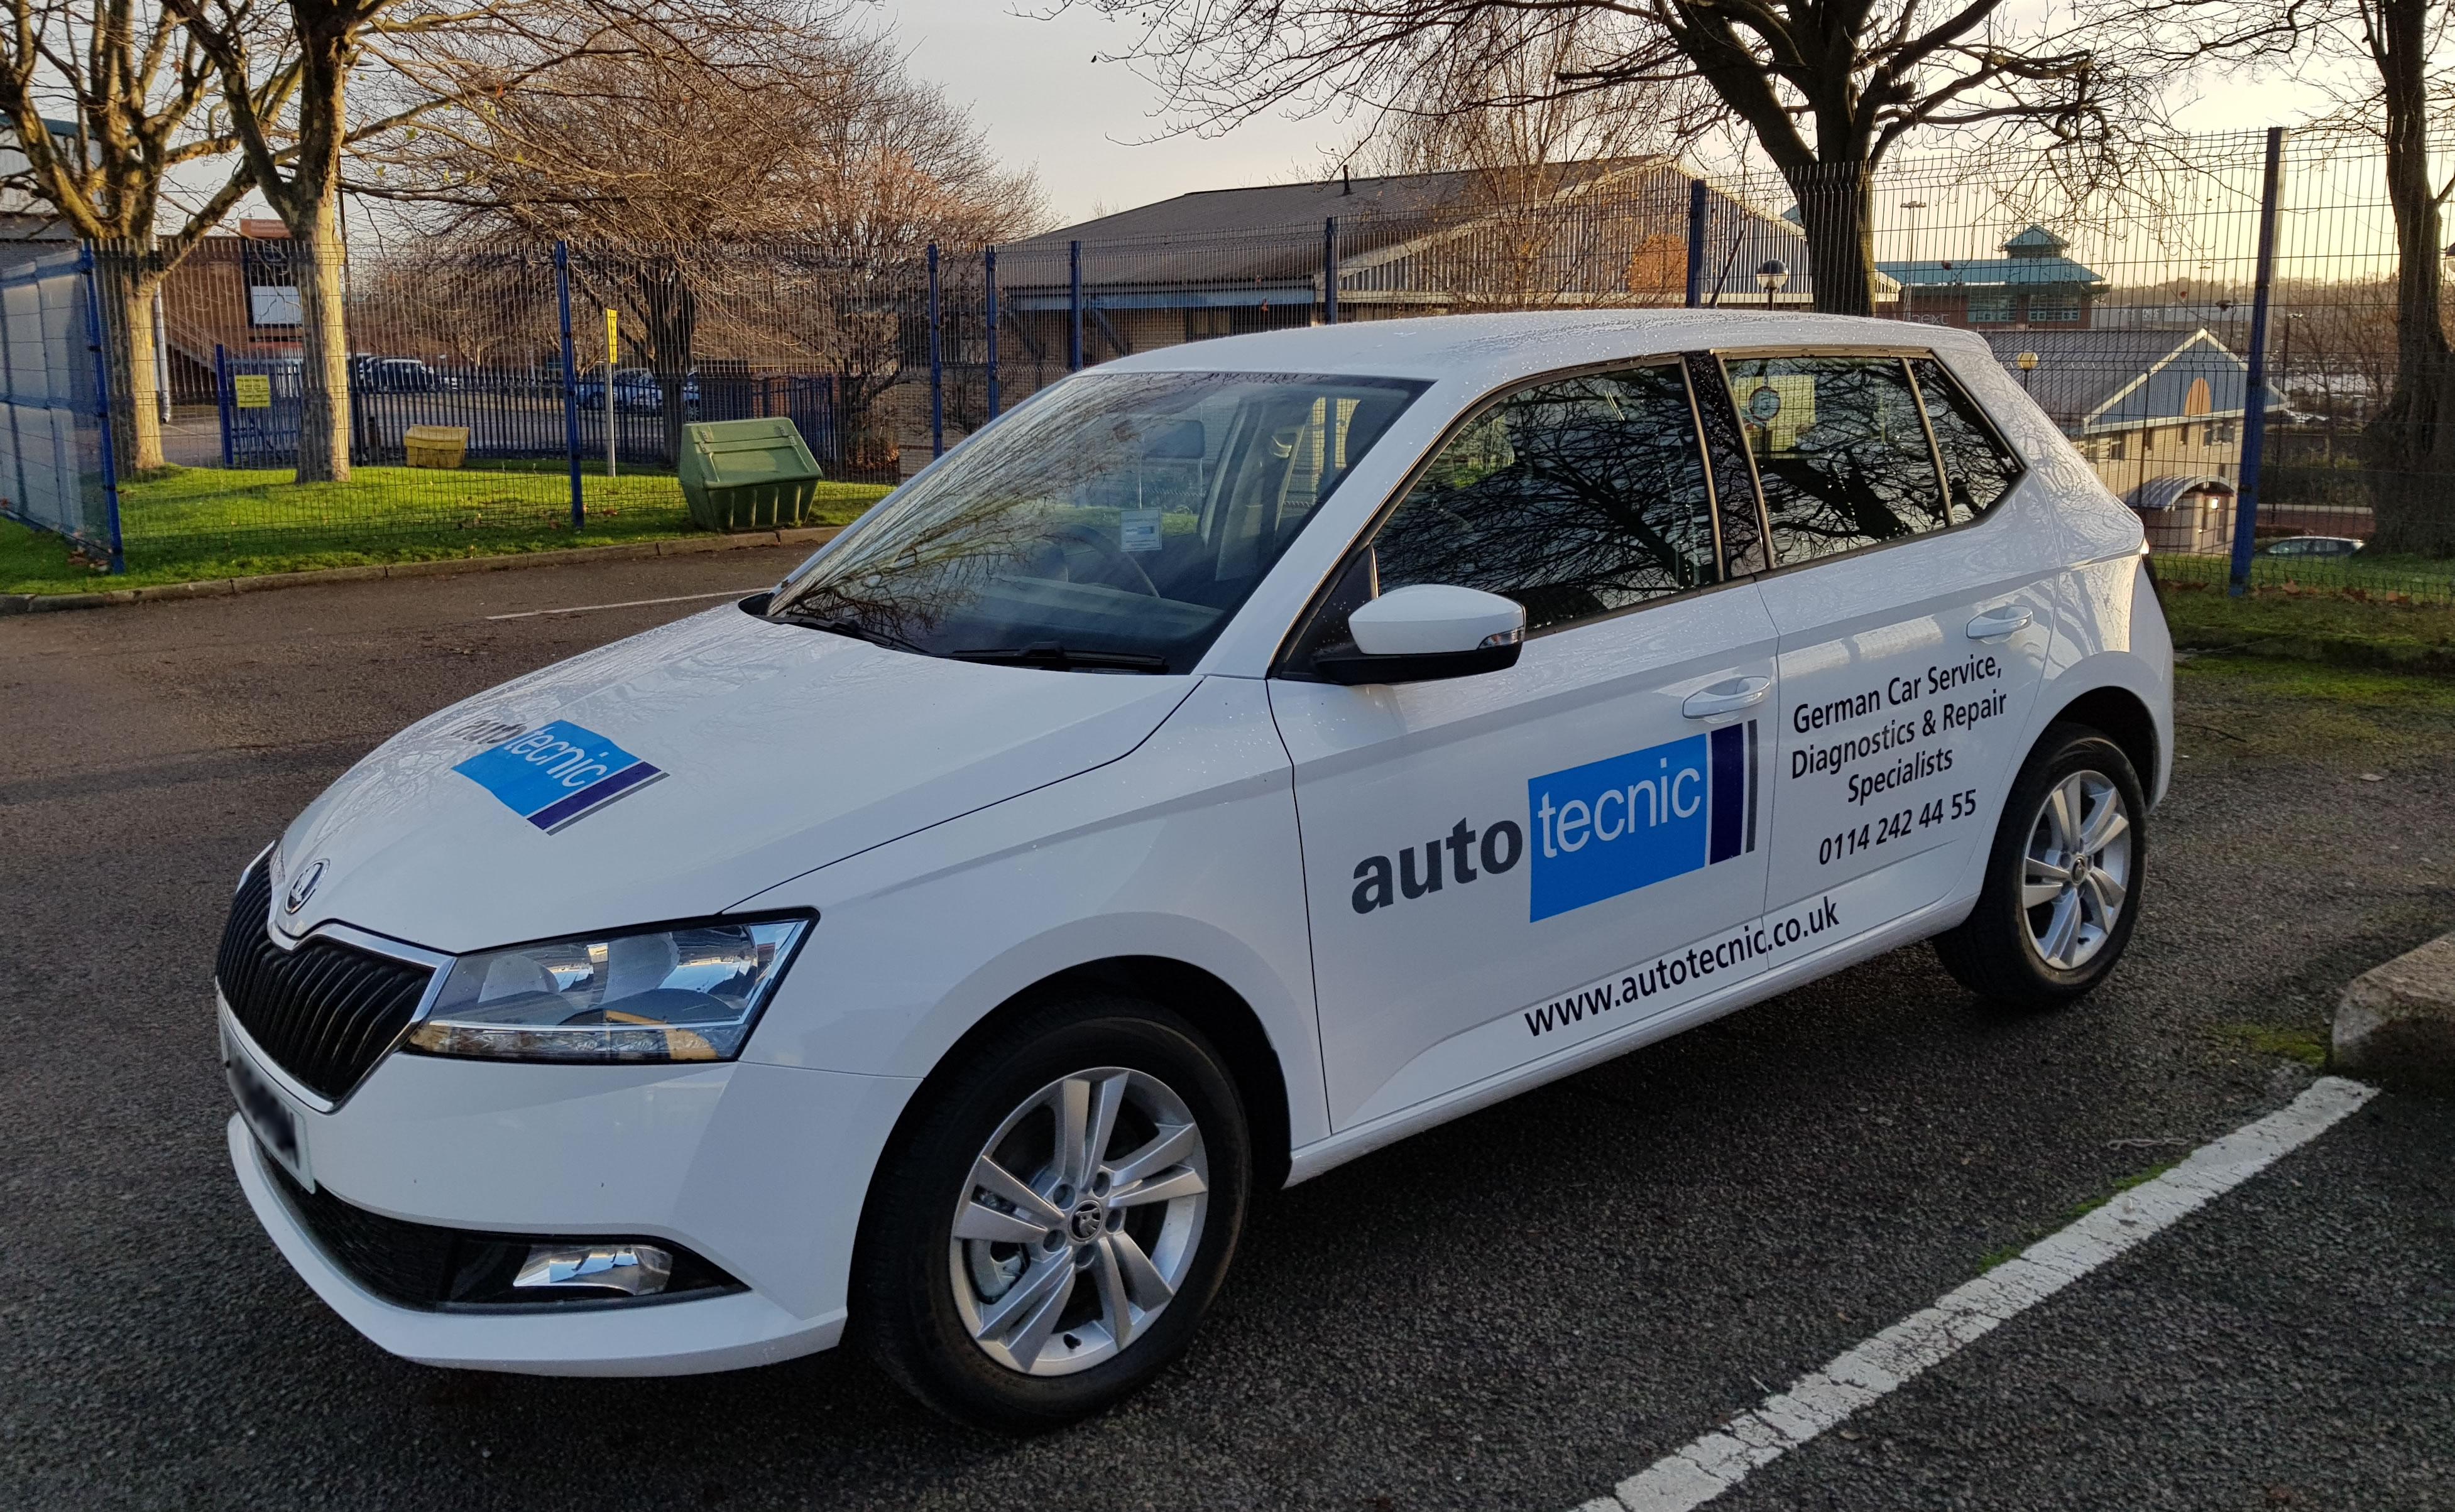 Autotecnic - Skodas - Loan Cars